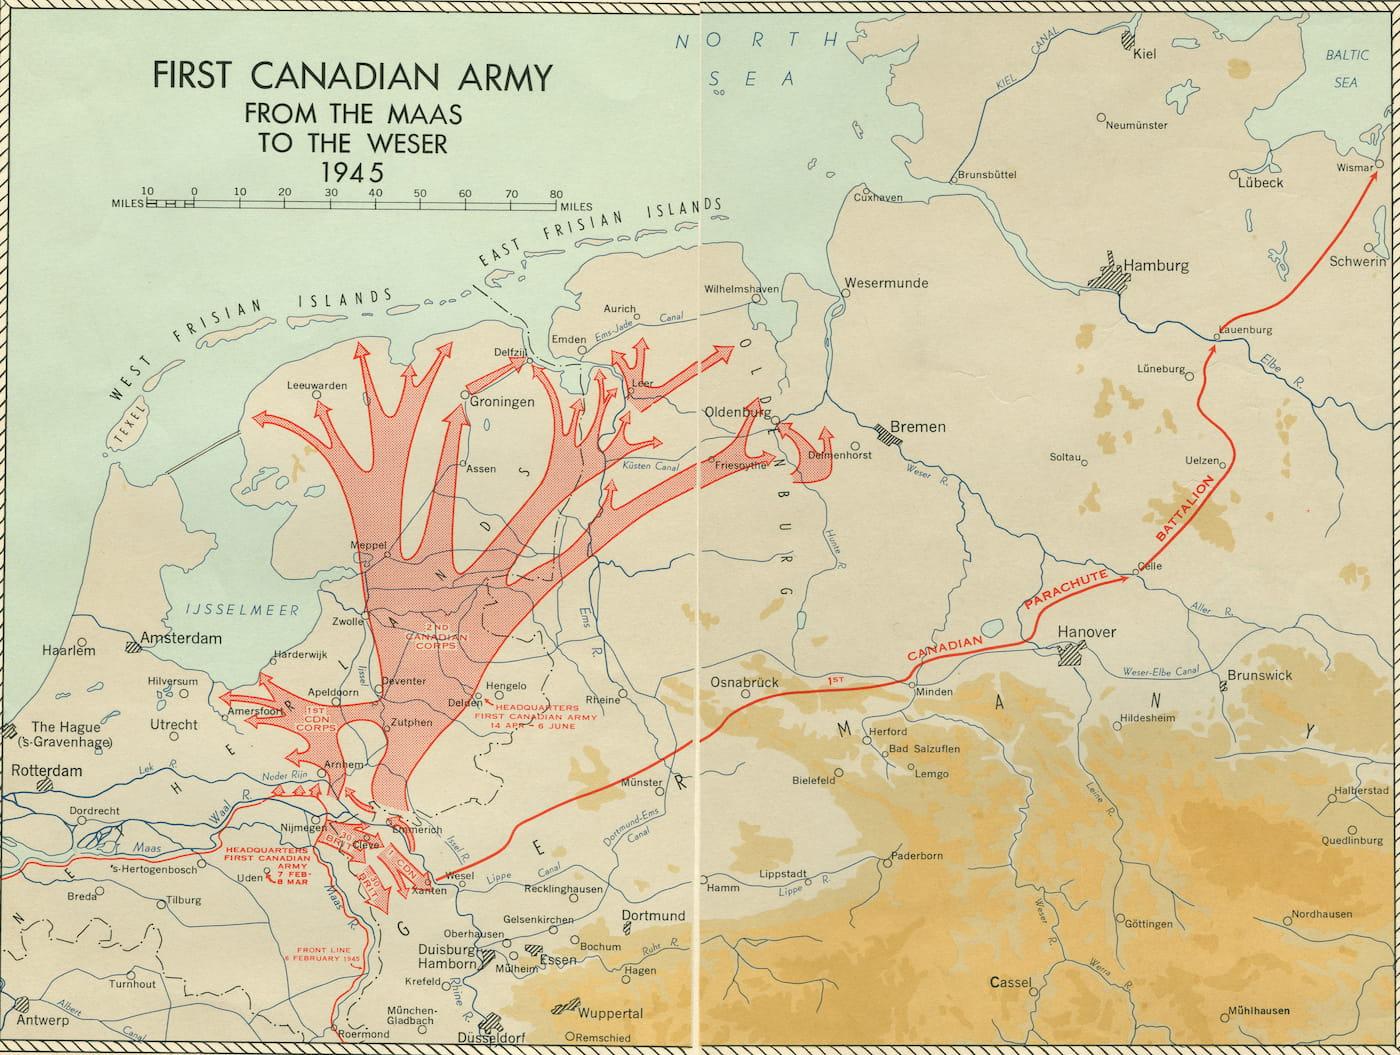 Het 1e Canadese leger van de Maas naar de Weser